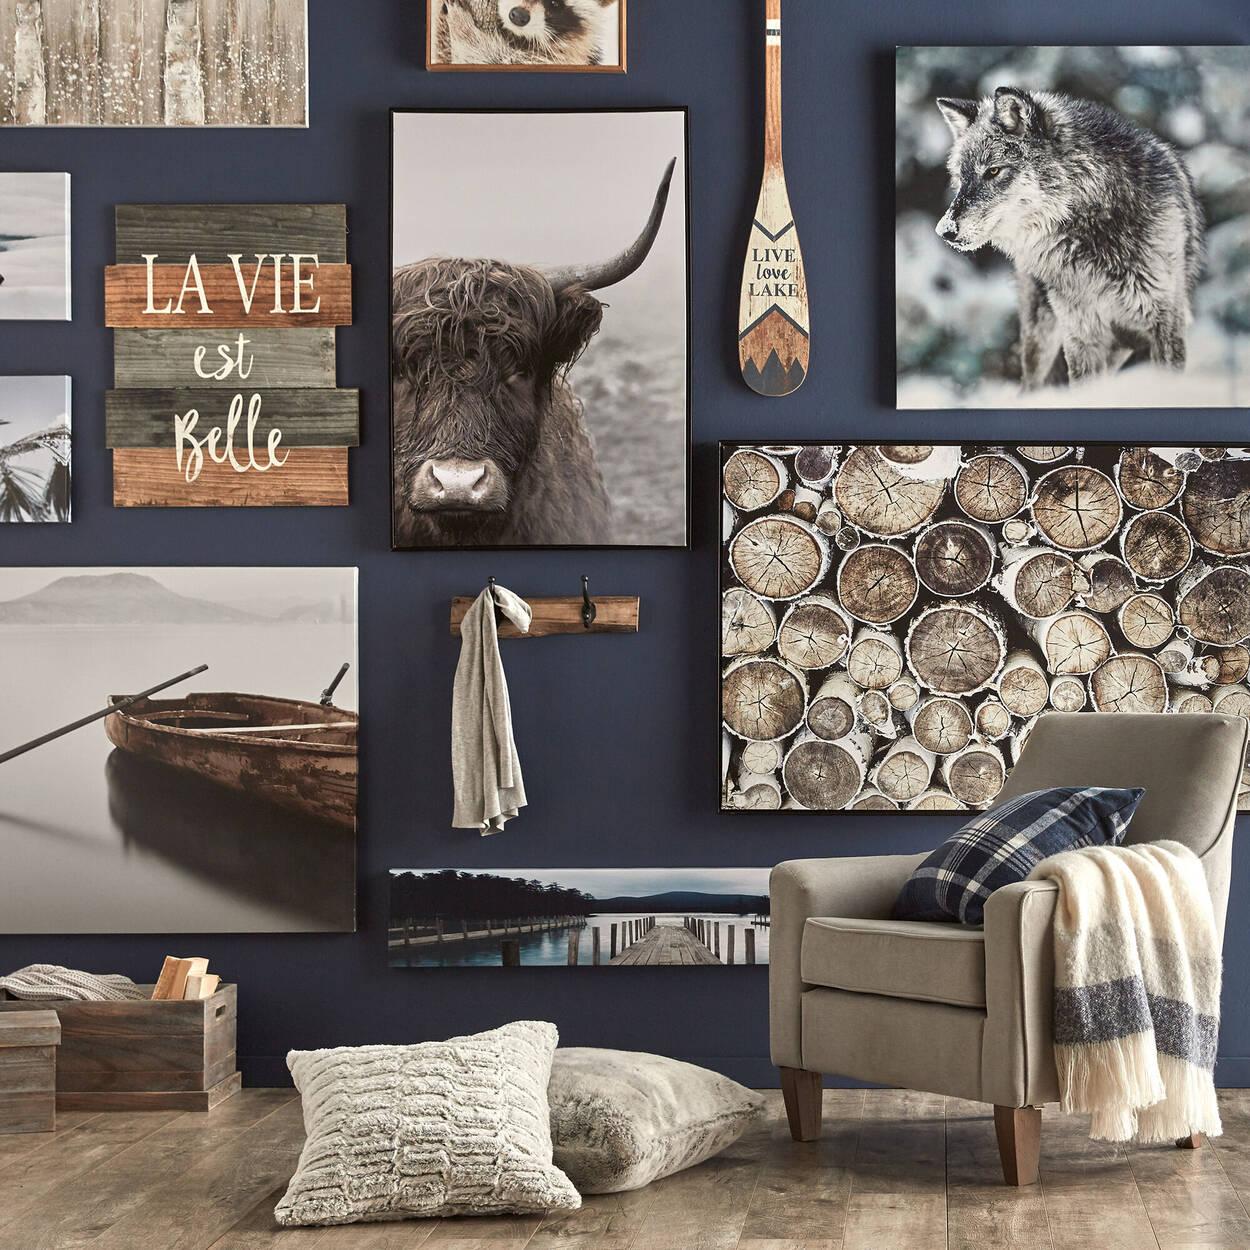 Décoration murale en bois La vie est belle